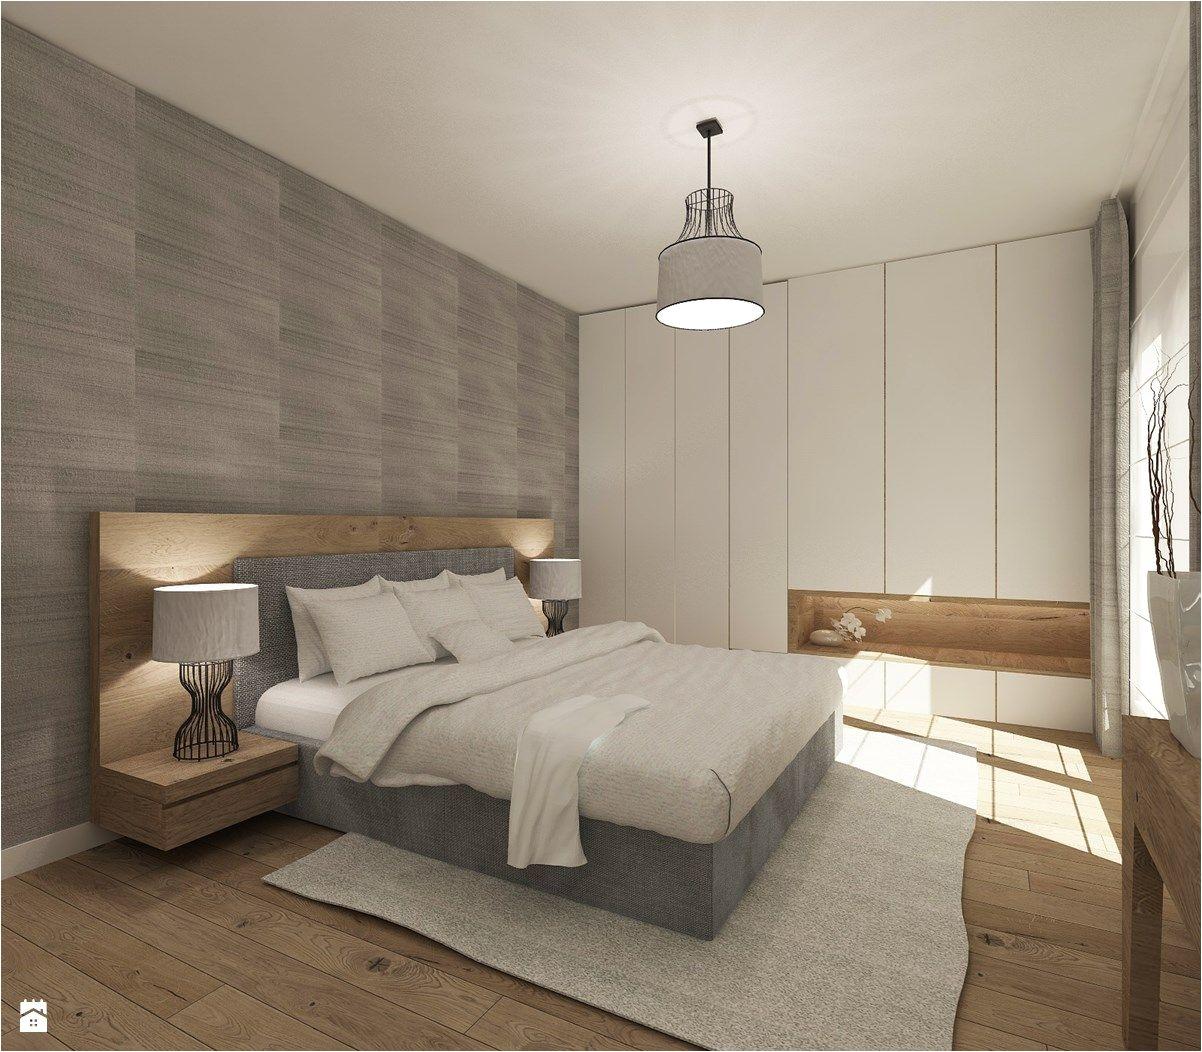 Sypialnia styl Nowoczesny zdjęcie od 4ma projekt · Bedroom ClosetsMaster